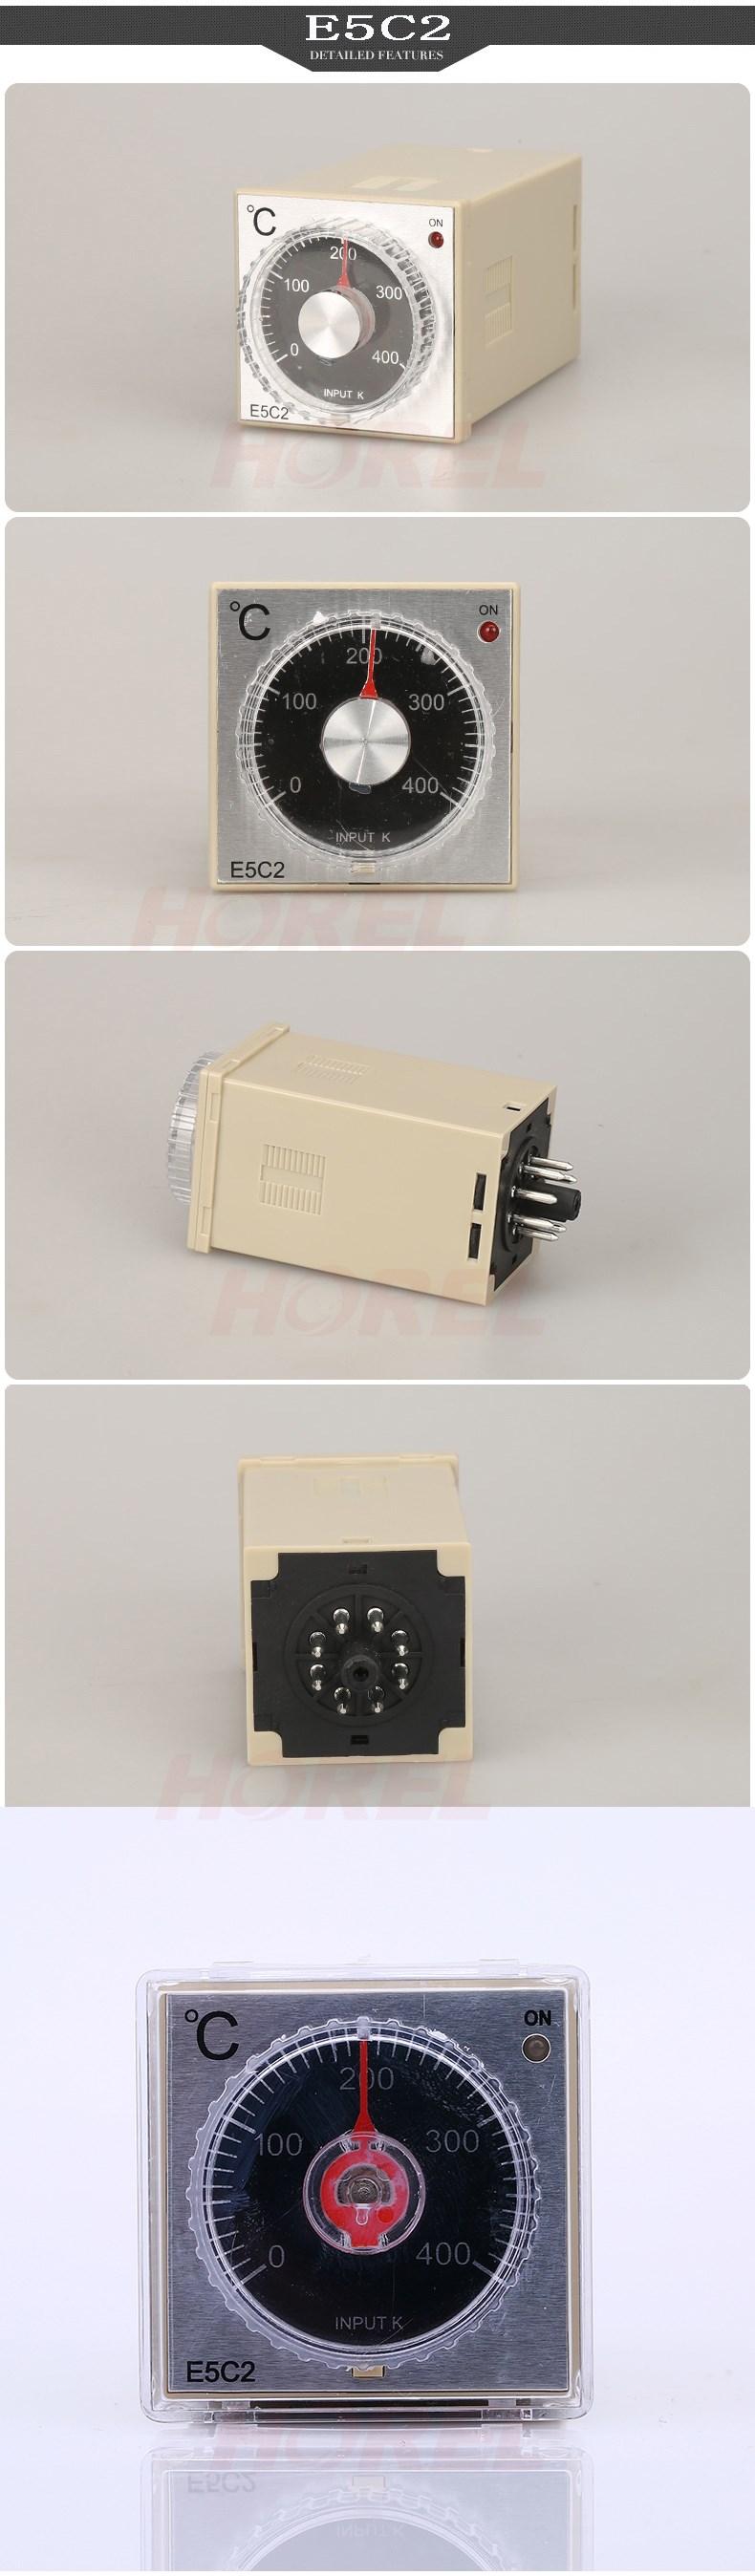 E5C2 Temperature controller 1.jpg